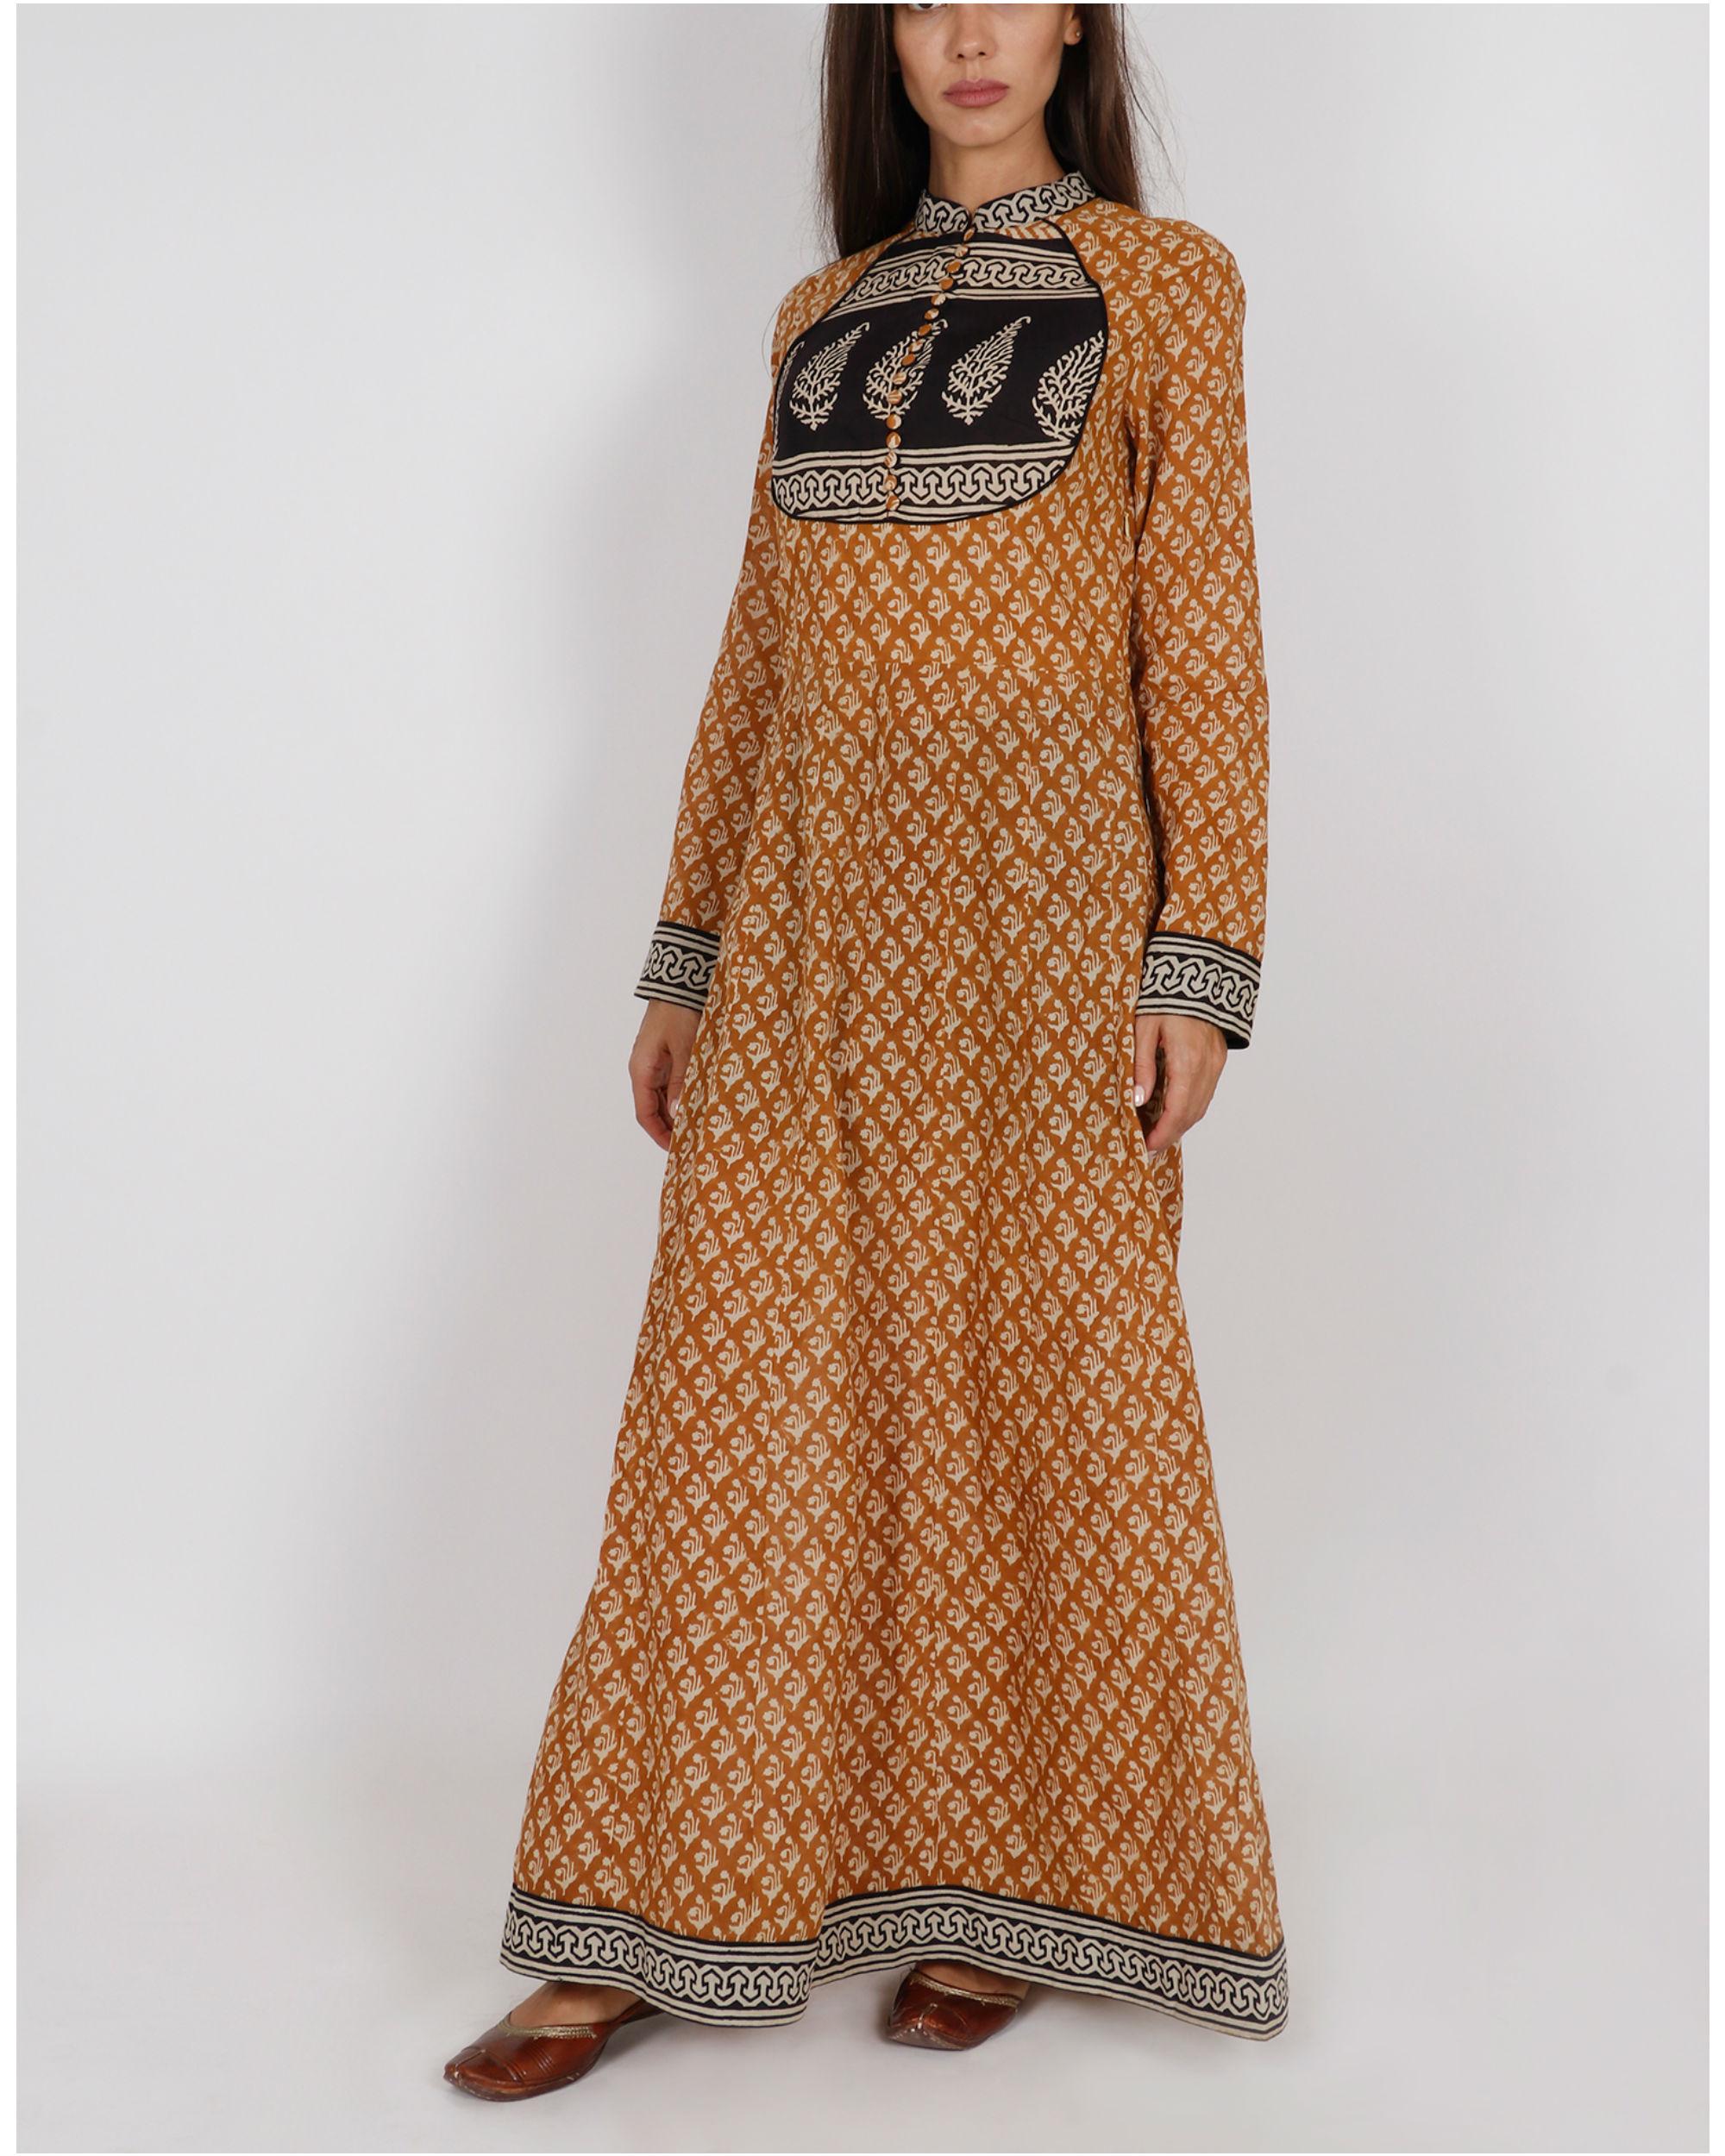 Mustard Yellow Kalidar Dress